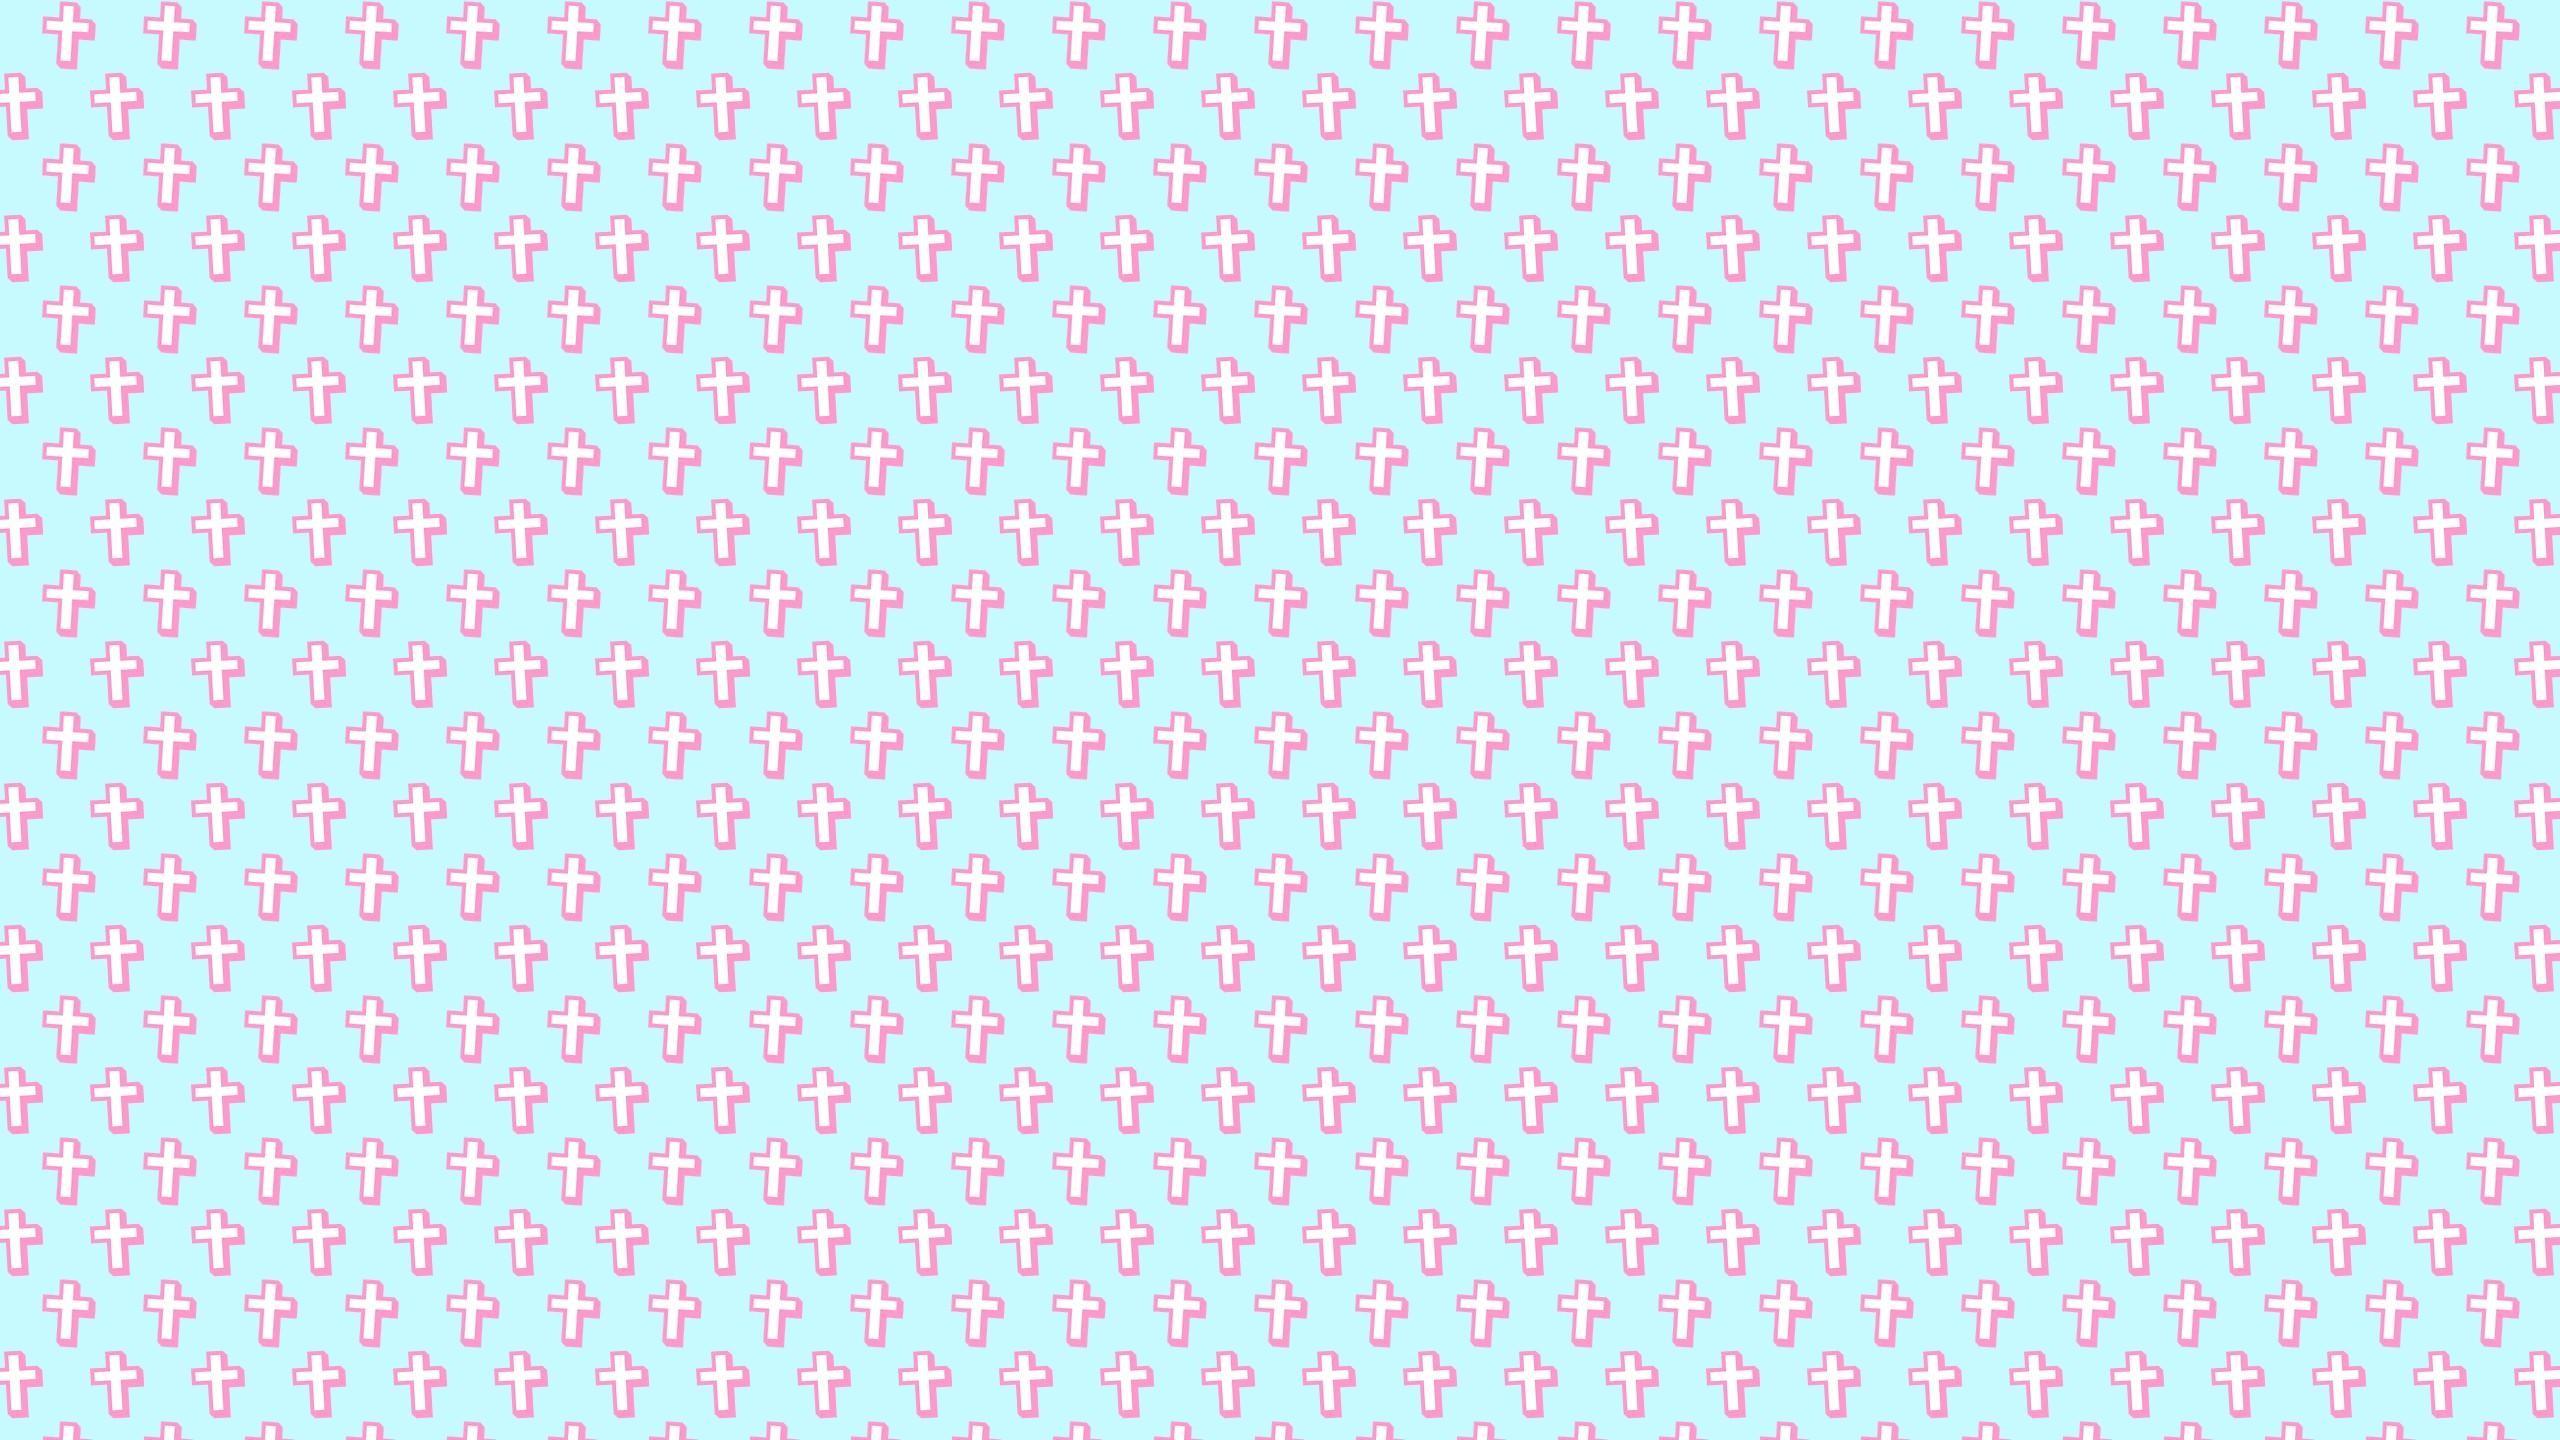 Pastel Cute Desktop Wallpaper Tumblr